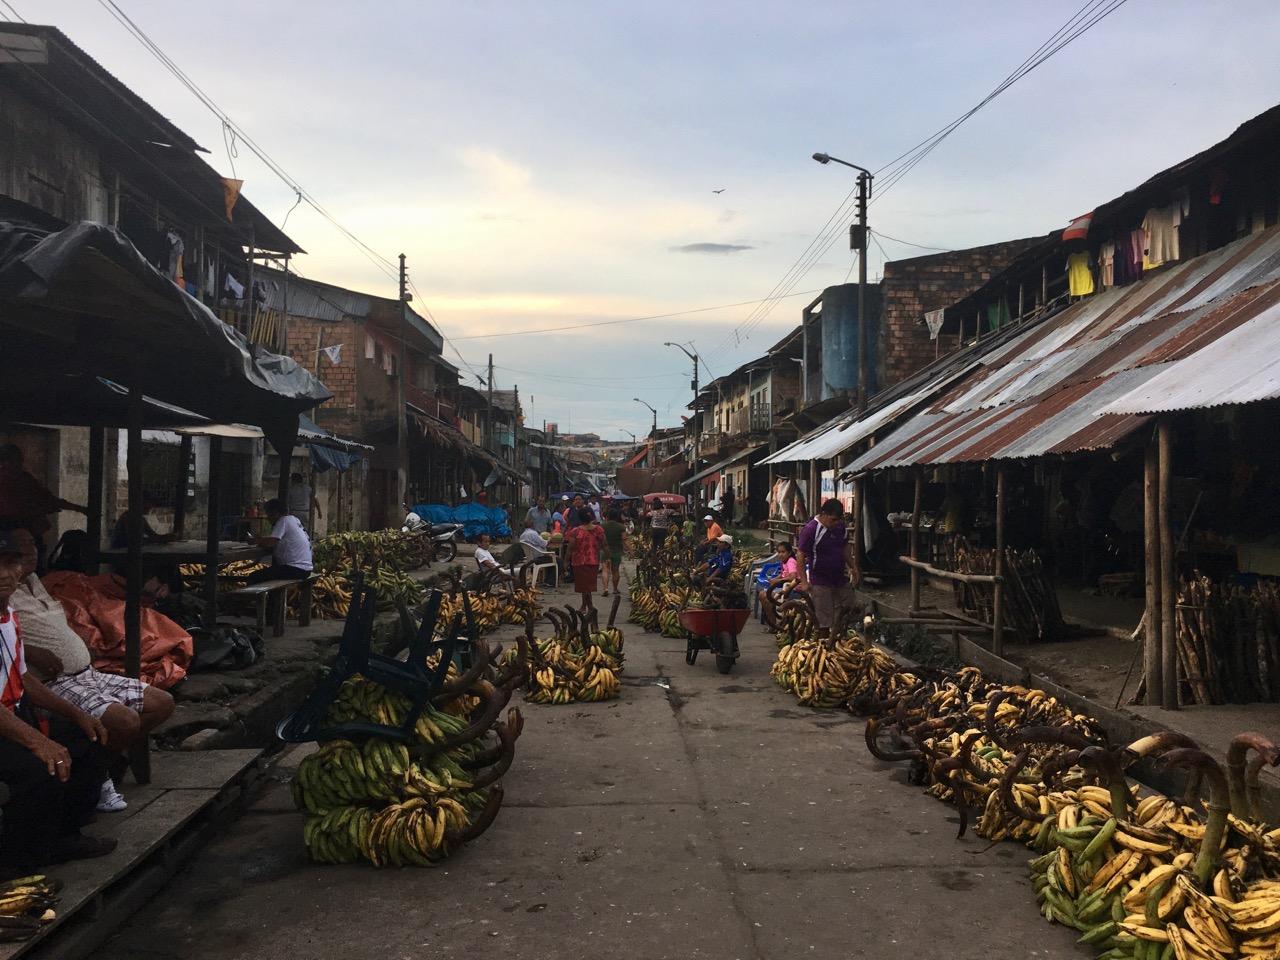 Banaani-tänavalt saabuvad koormad metsast linna. Foto: Kaidi Reinu /Amazonas Reisid